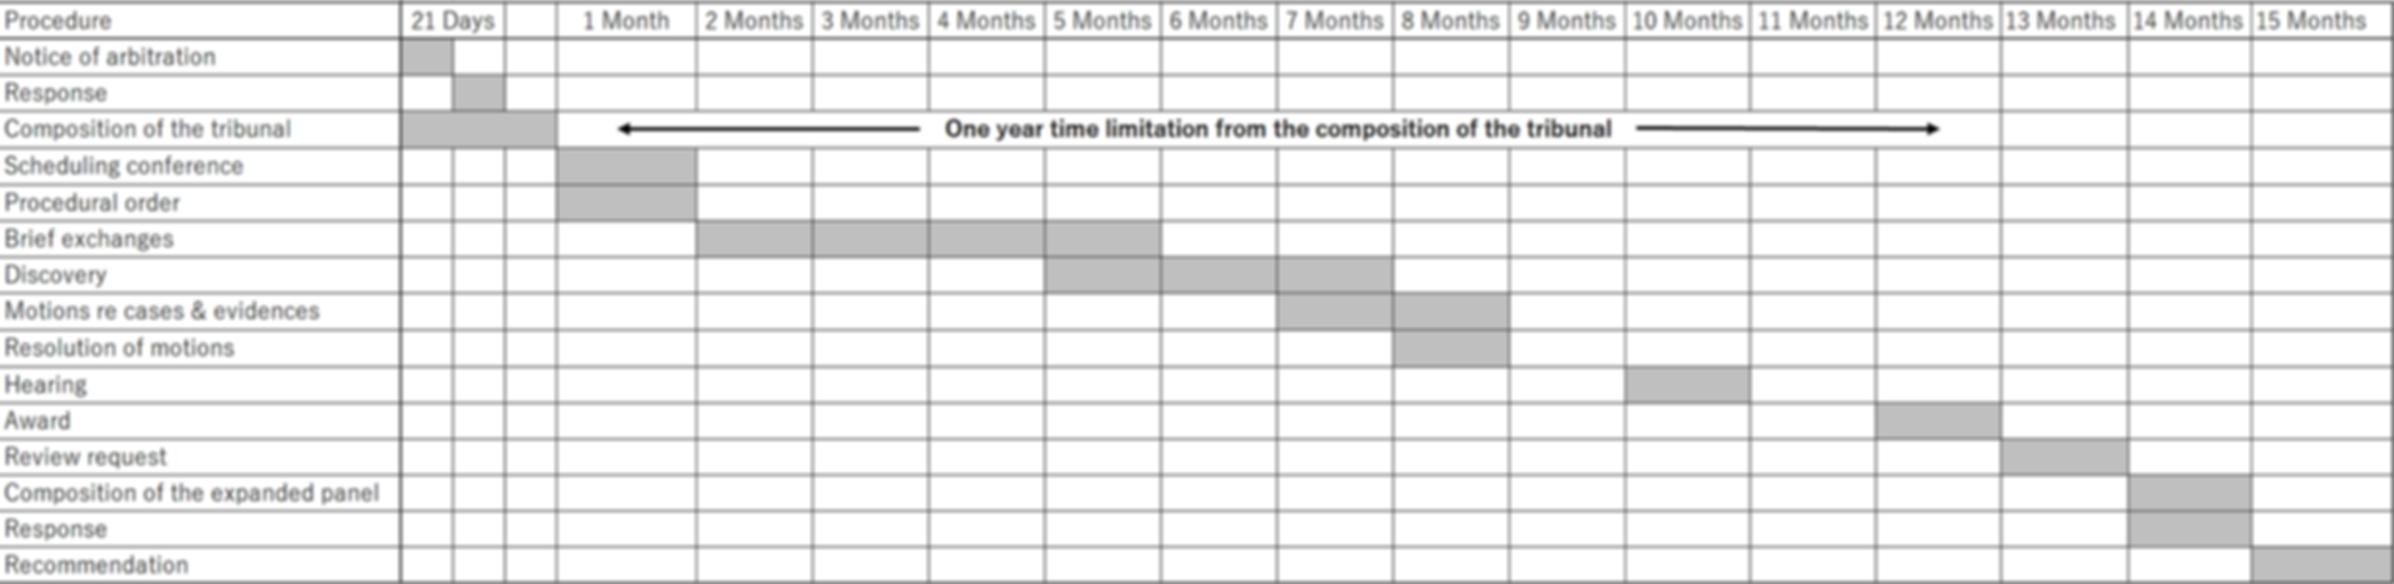 Timeline3.PNG